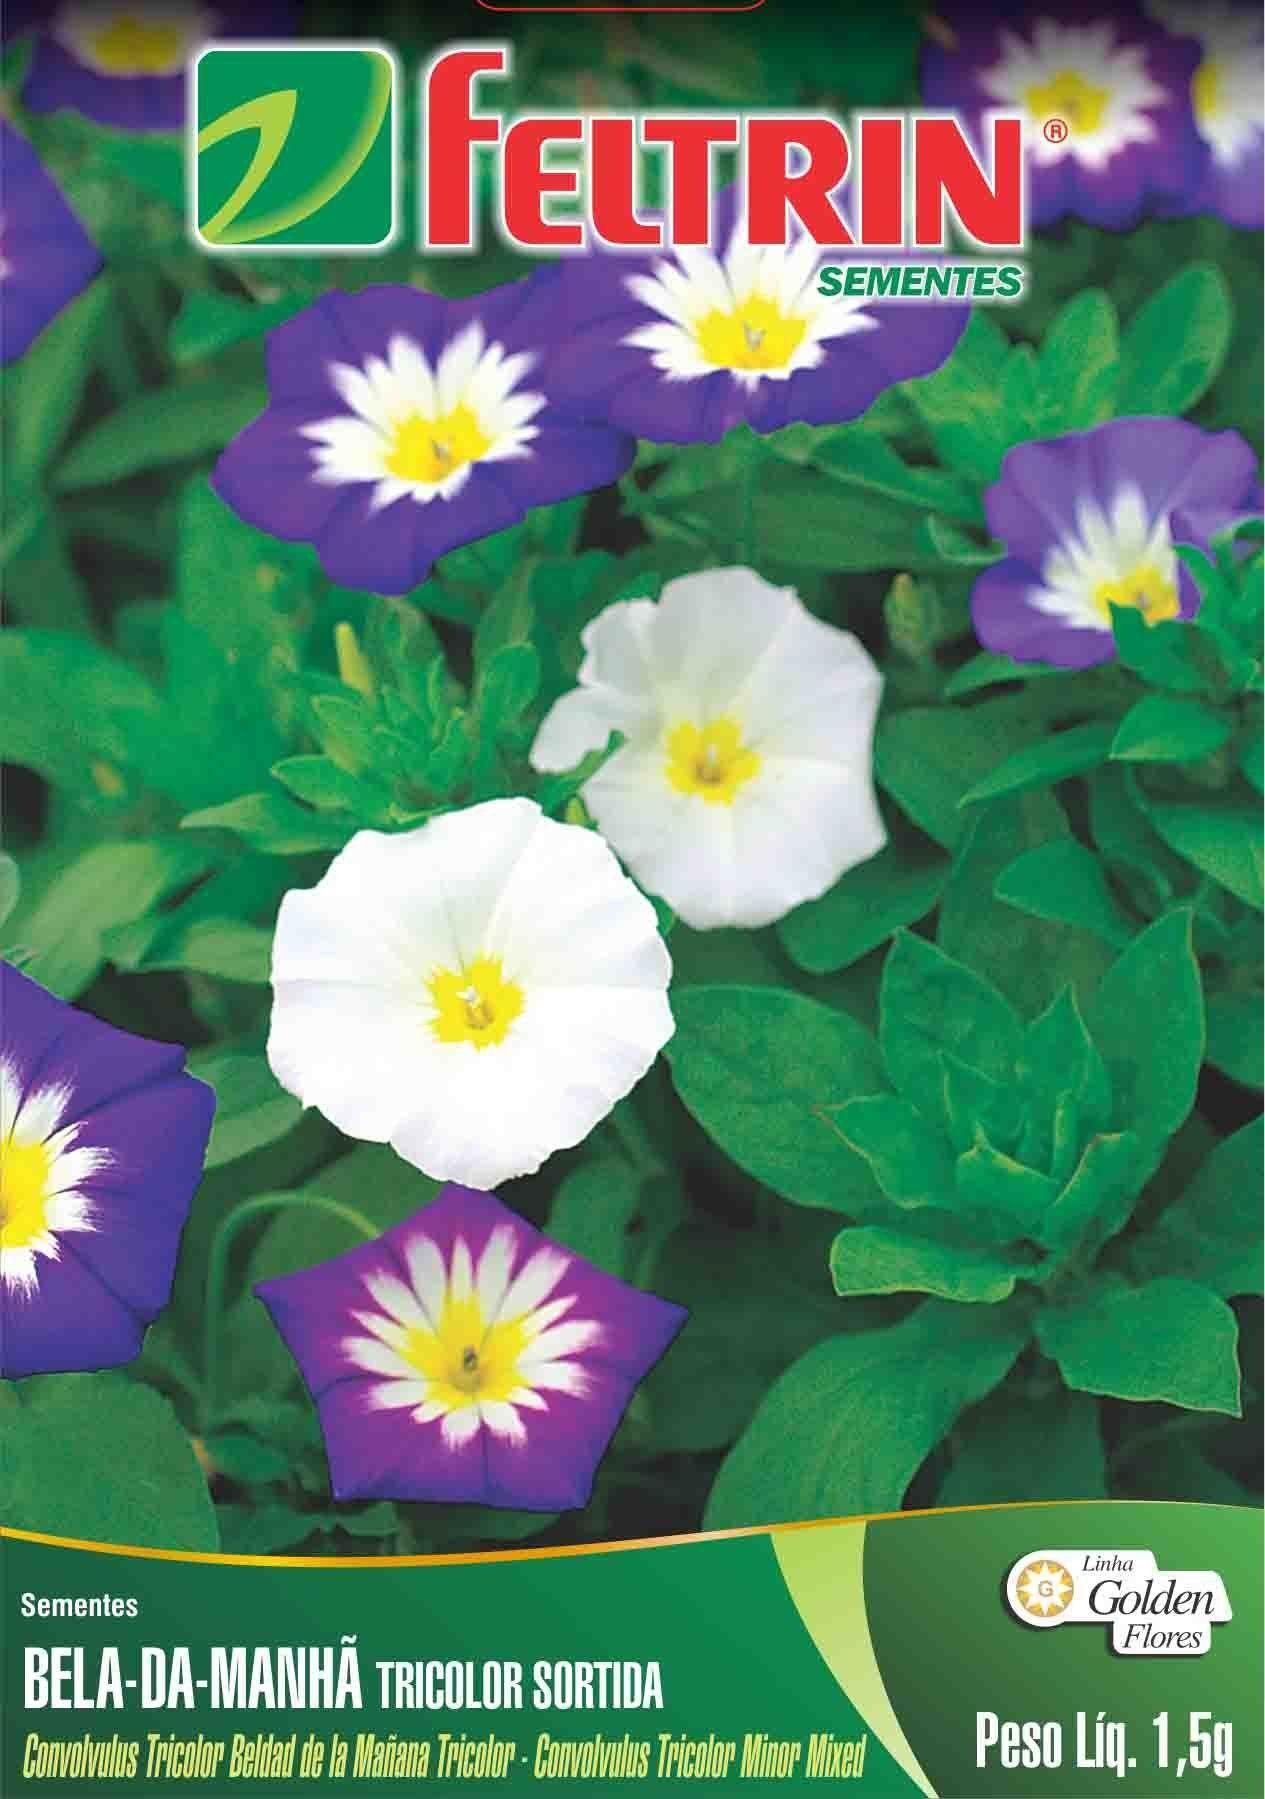 Sementes de Bela-da-manhã Tricolor Sortida Feltrin - Linha Golden Flores